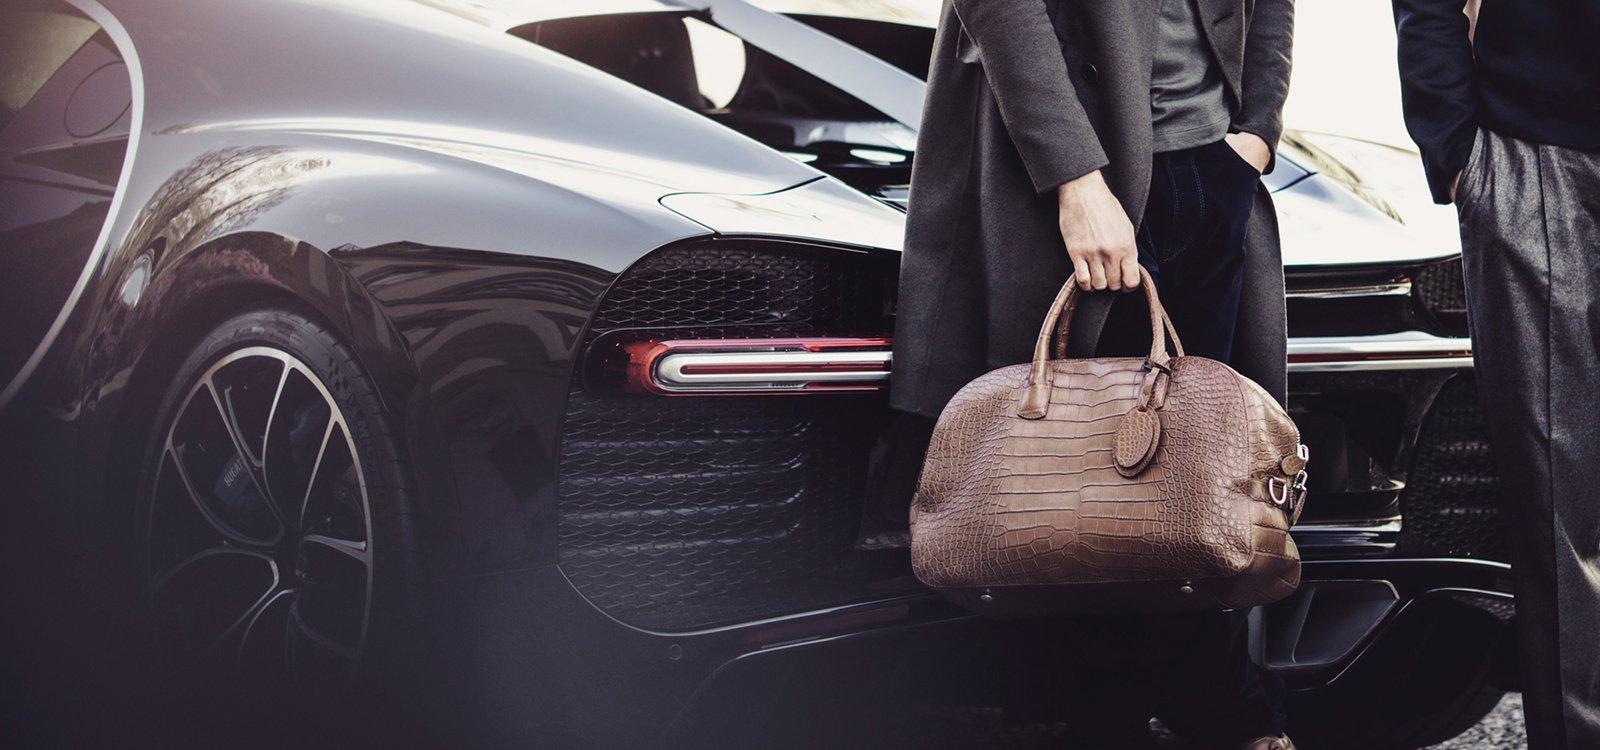 Giorgio Armani y Bugatti, una alianza de lujo